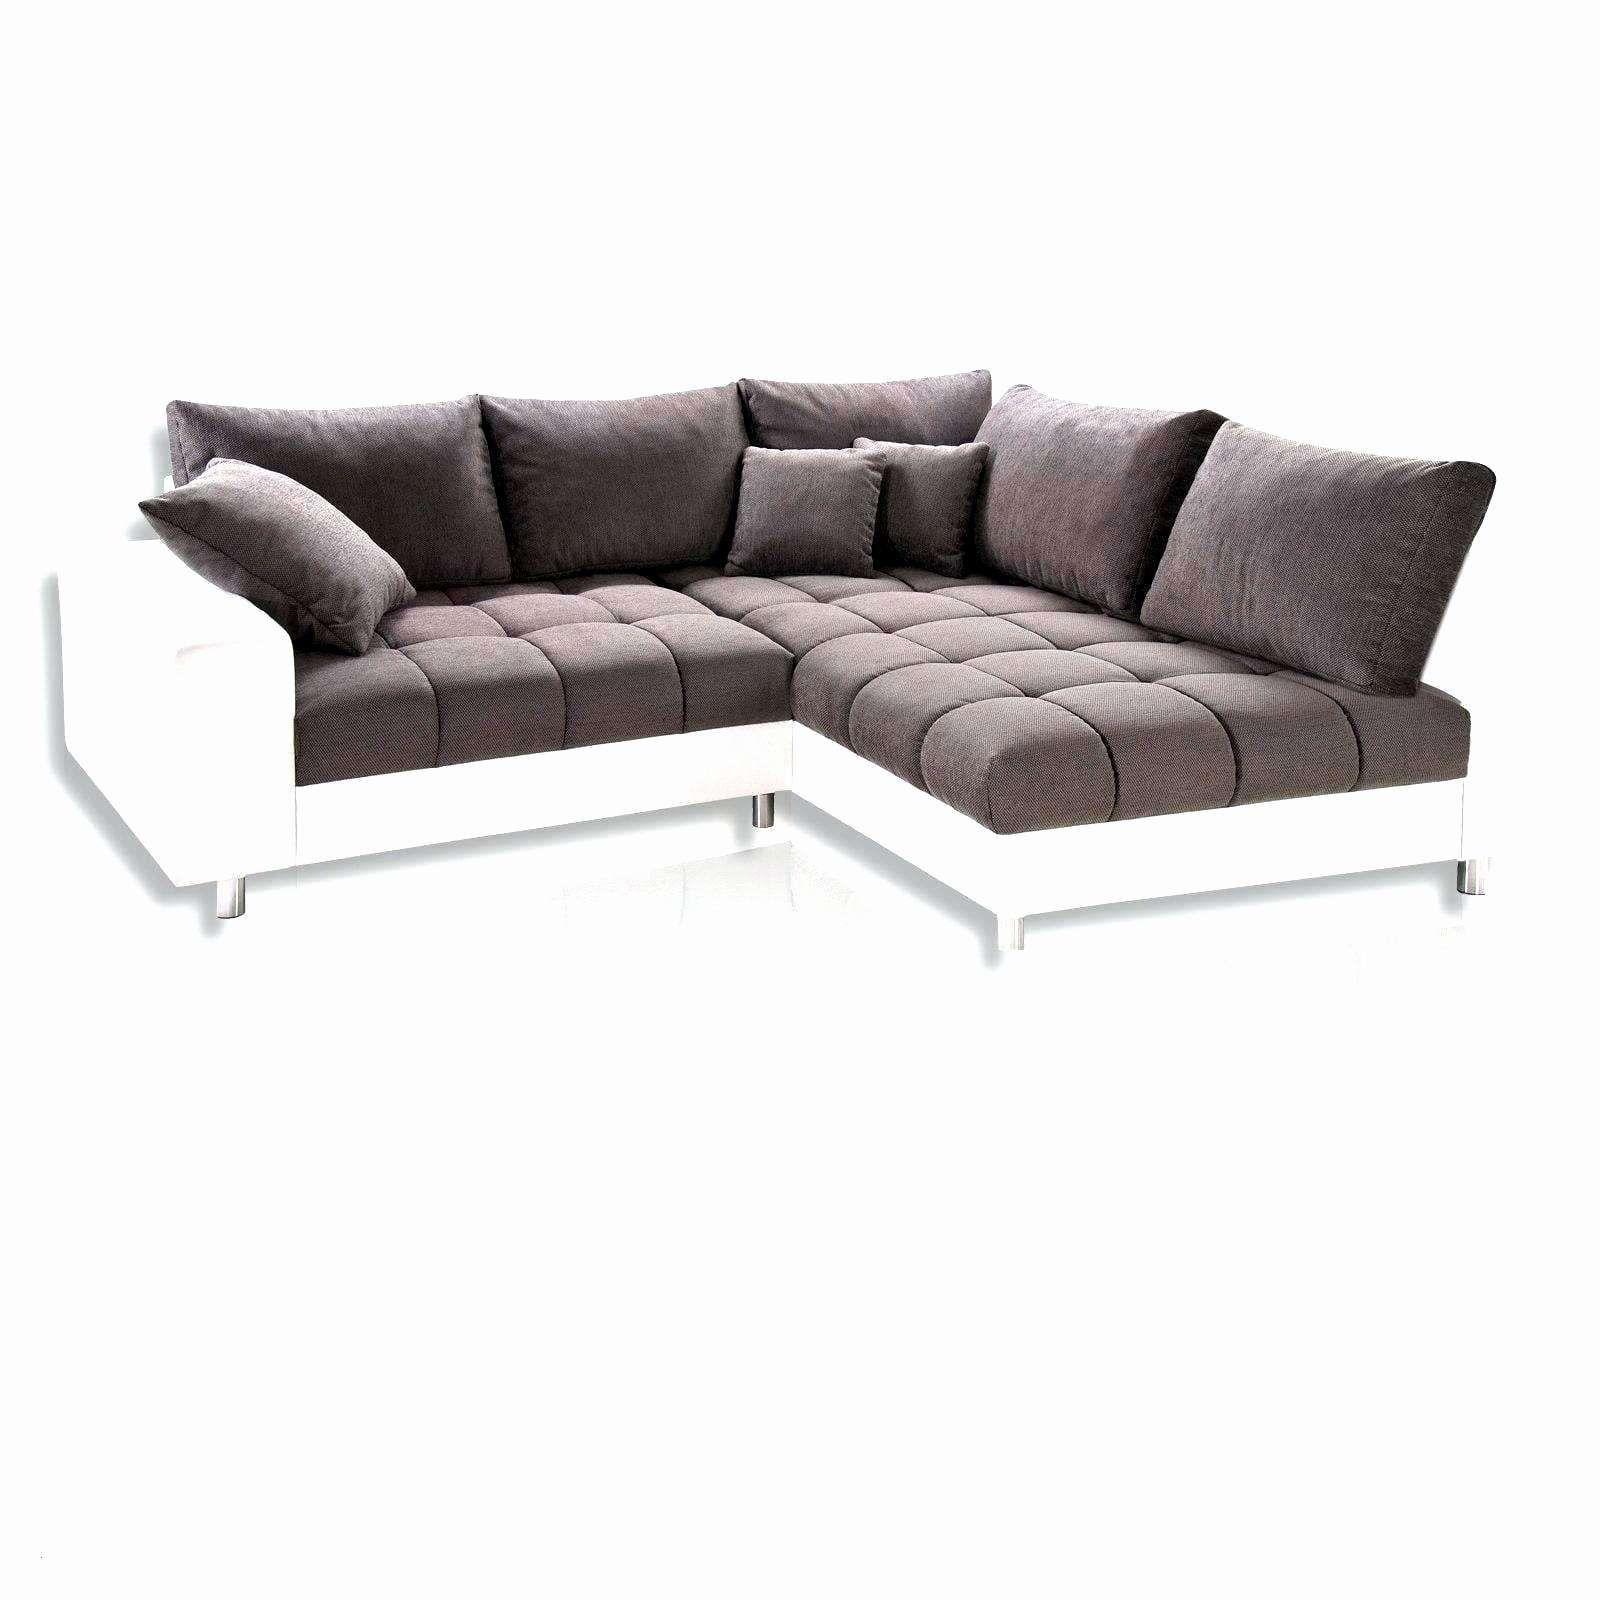 Wohnlandschaft In U Form Wohnlandschaft U Form Mit Schlaffunktion Genial Sofa L Form Mit In 2020 Modern Couch Couch Sofa Couch